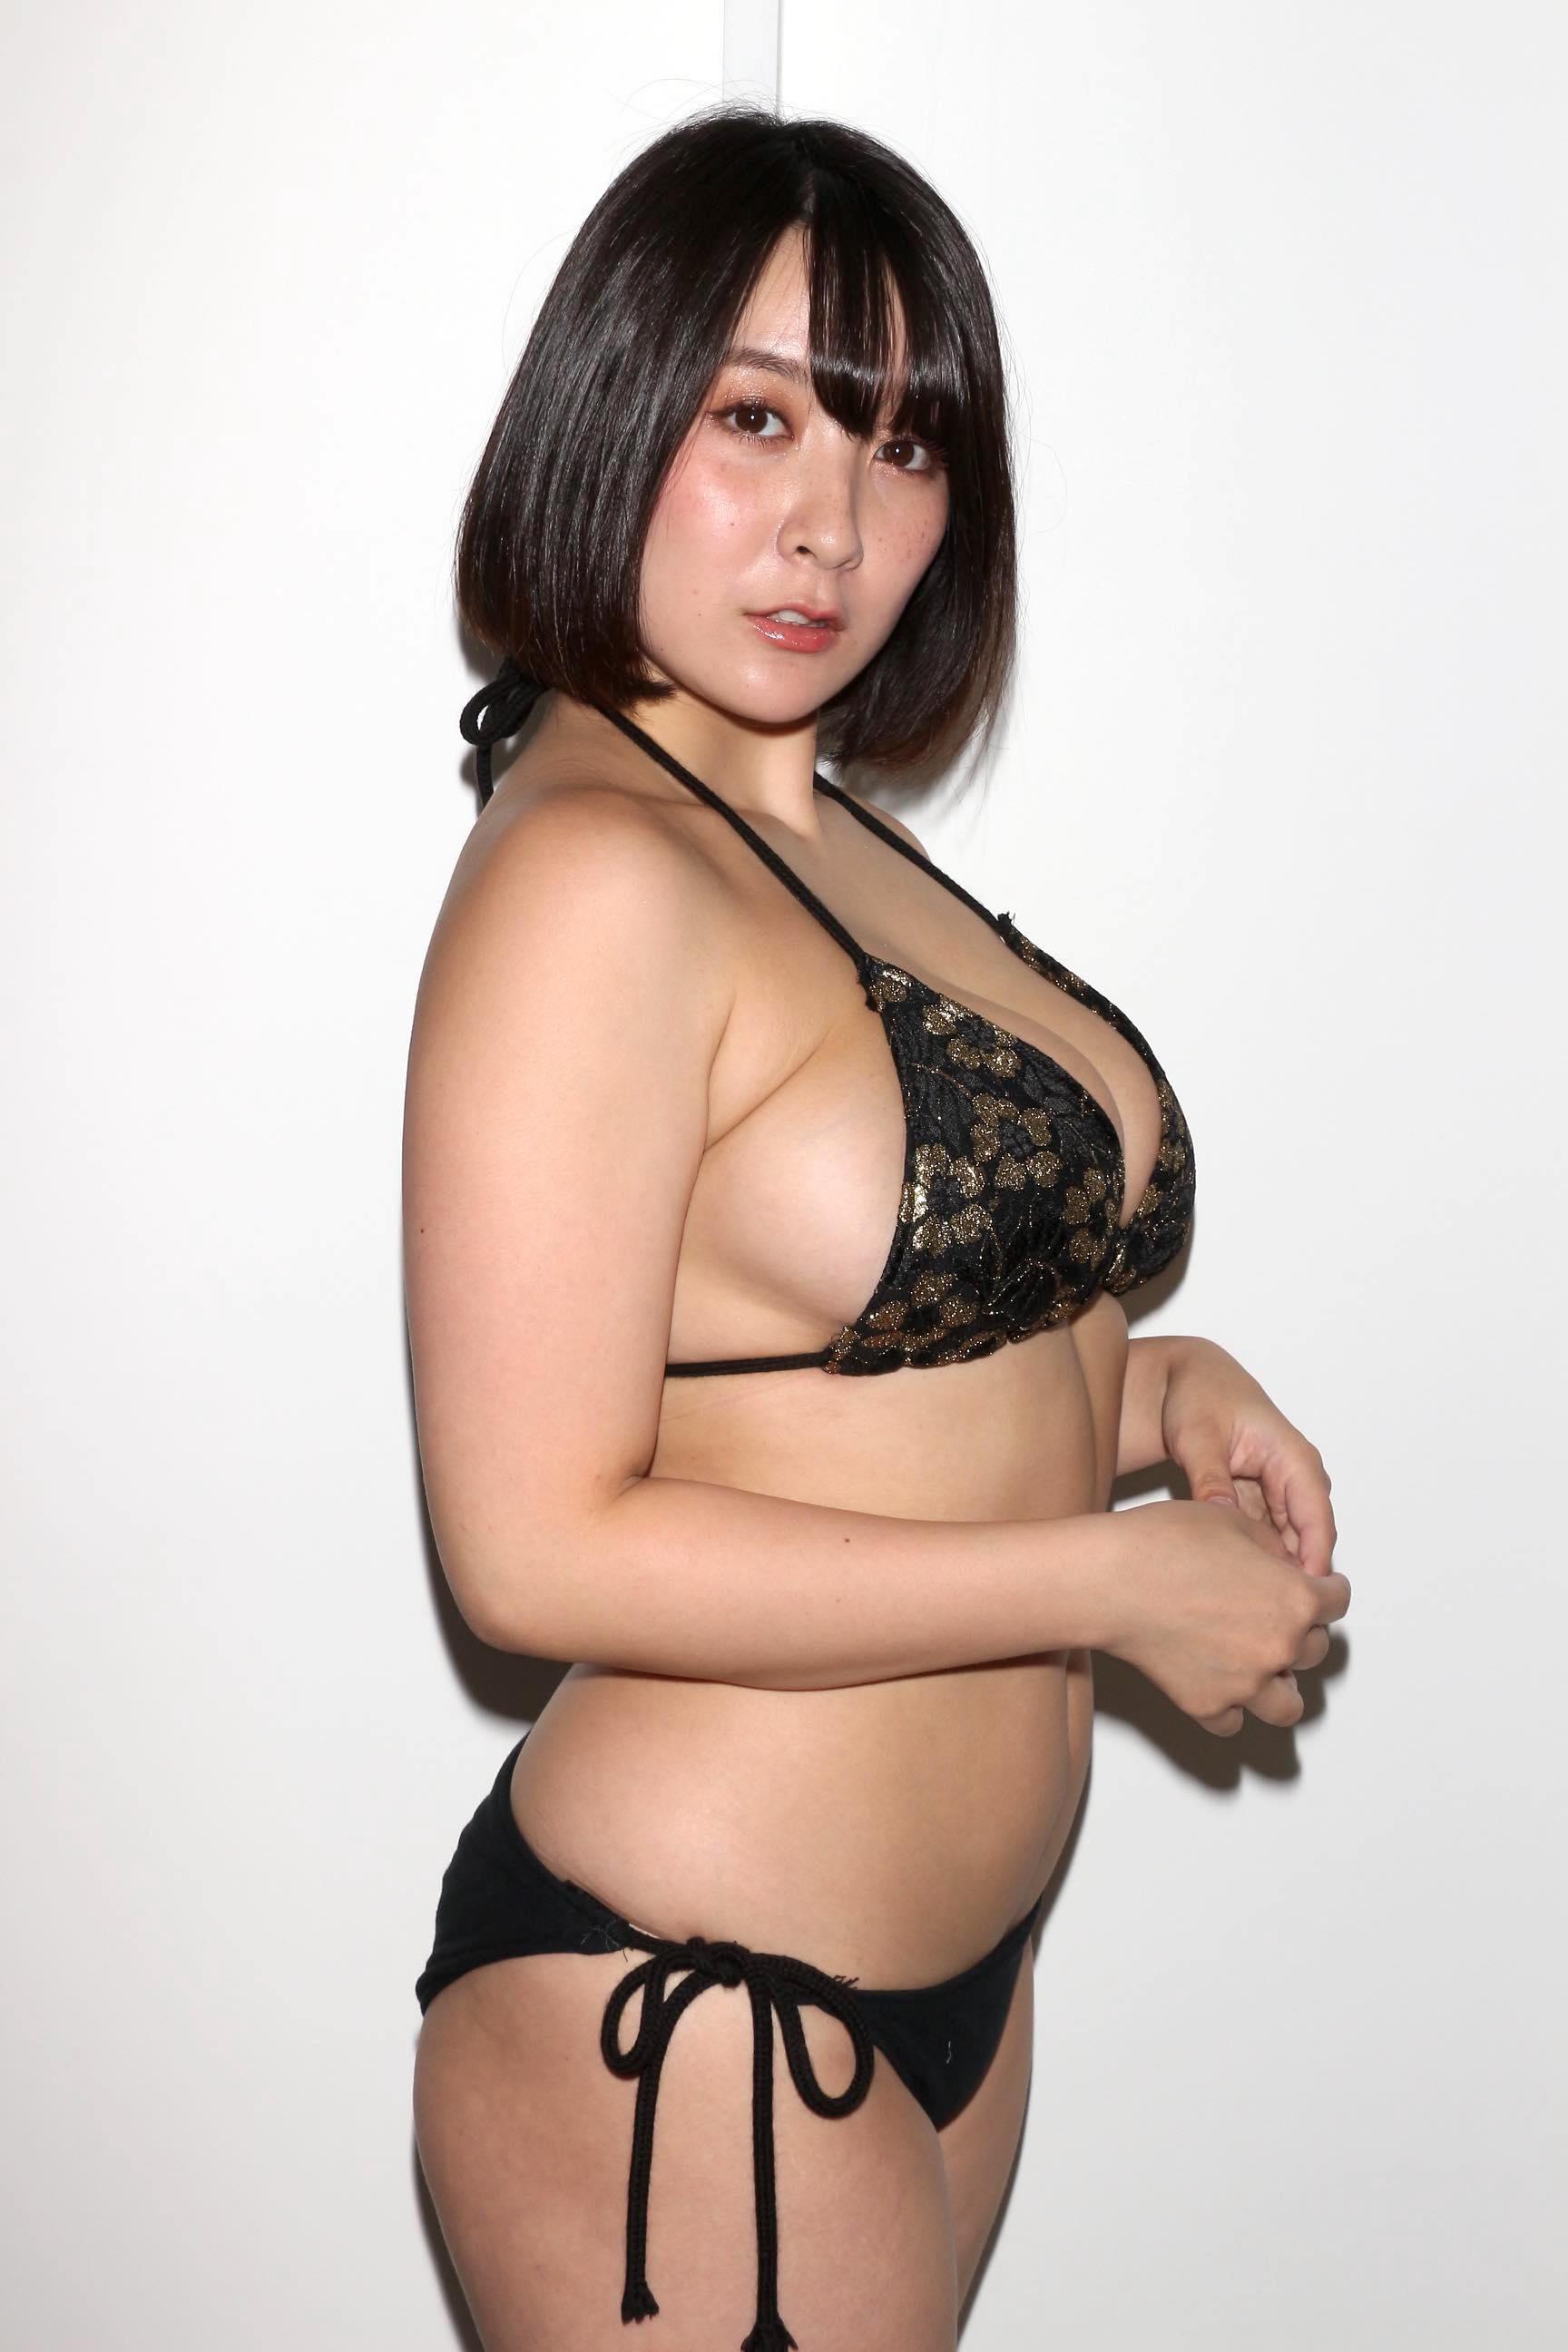 紺野栞「胸が成長しっぱなし」Hカップがキツくなっちゃった【写真28枚】の画像015